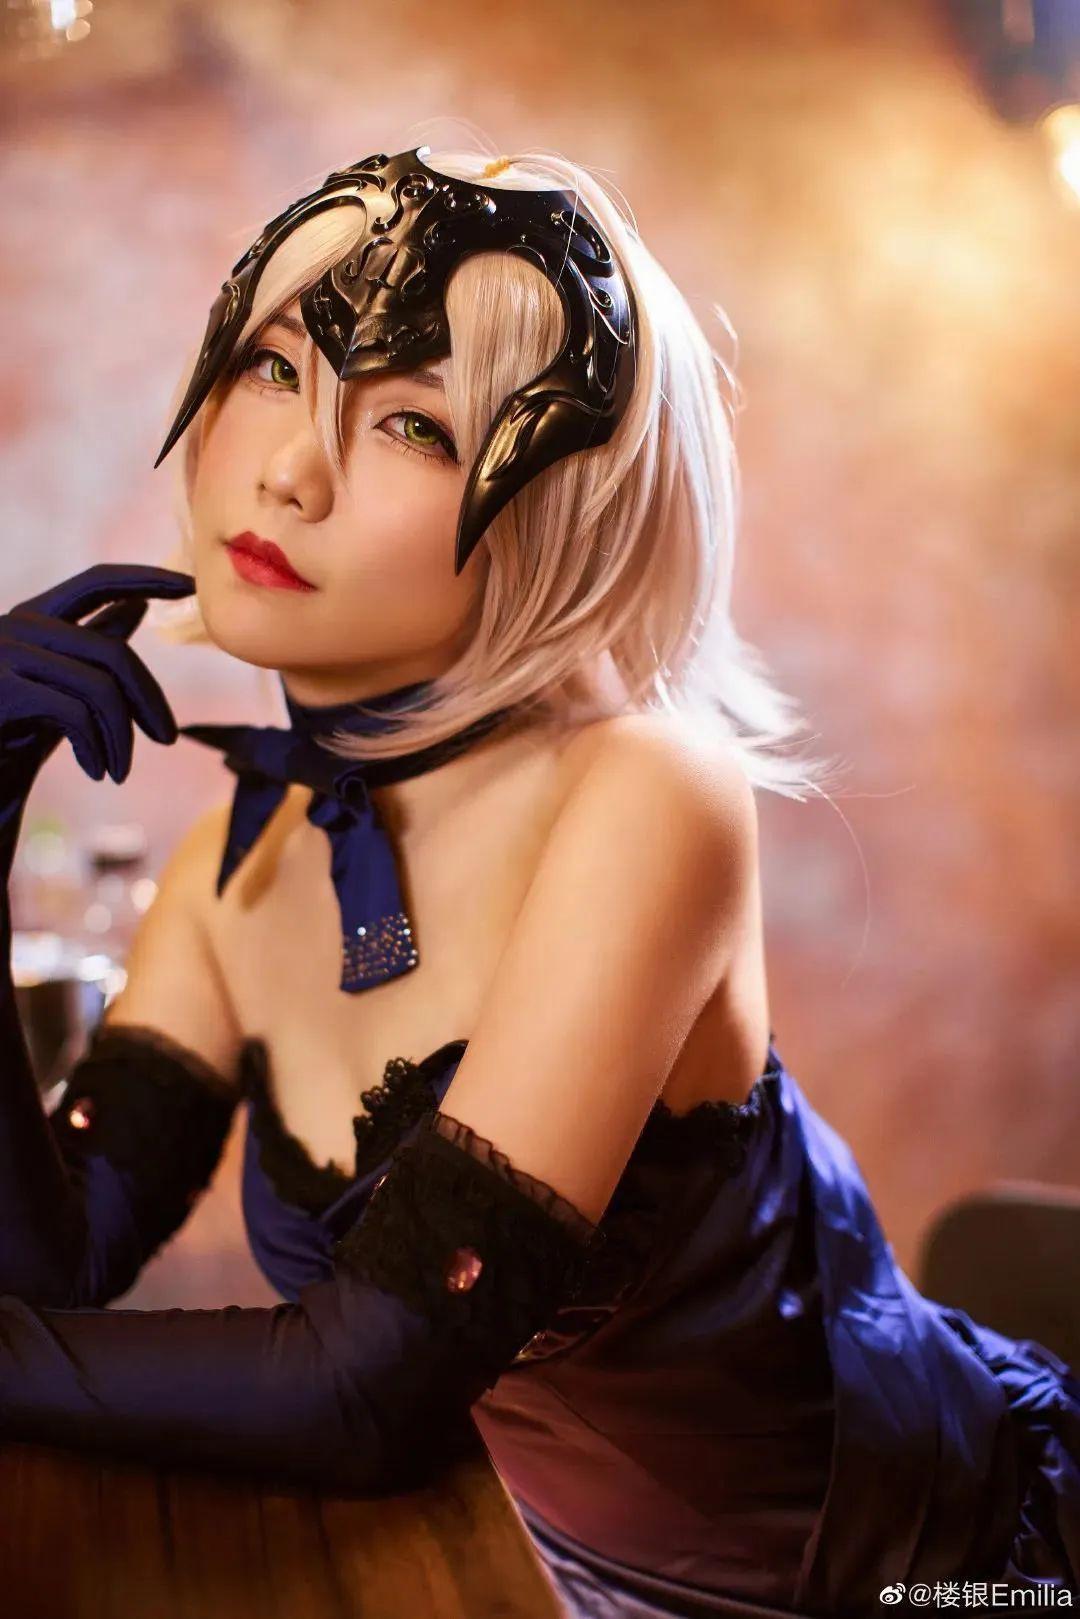 Cosplay-《Fate/Grand Order》黑贞,酒吧这氛围太让人把持不住了_图片 No.3